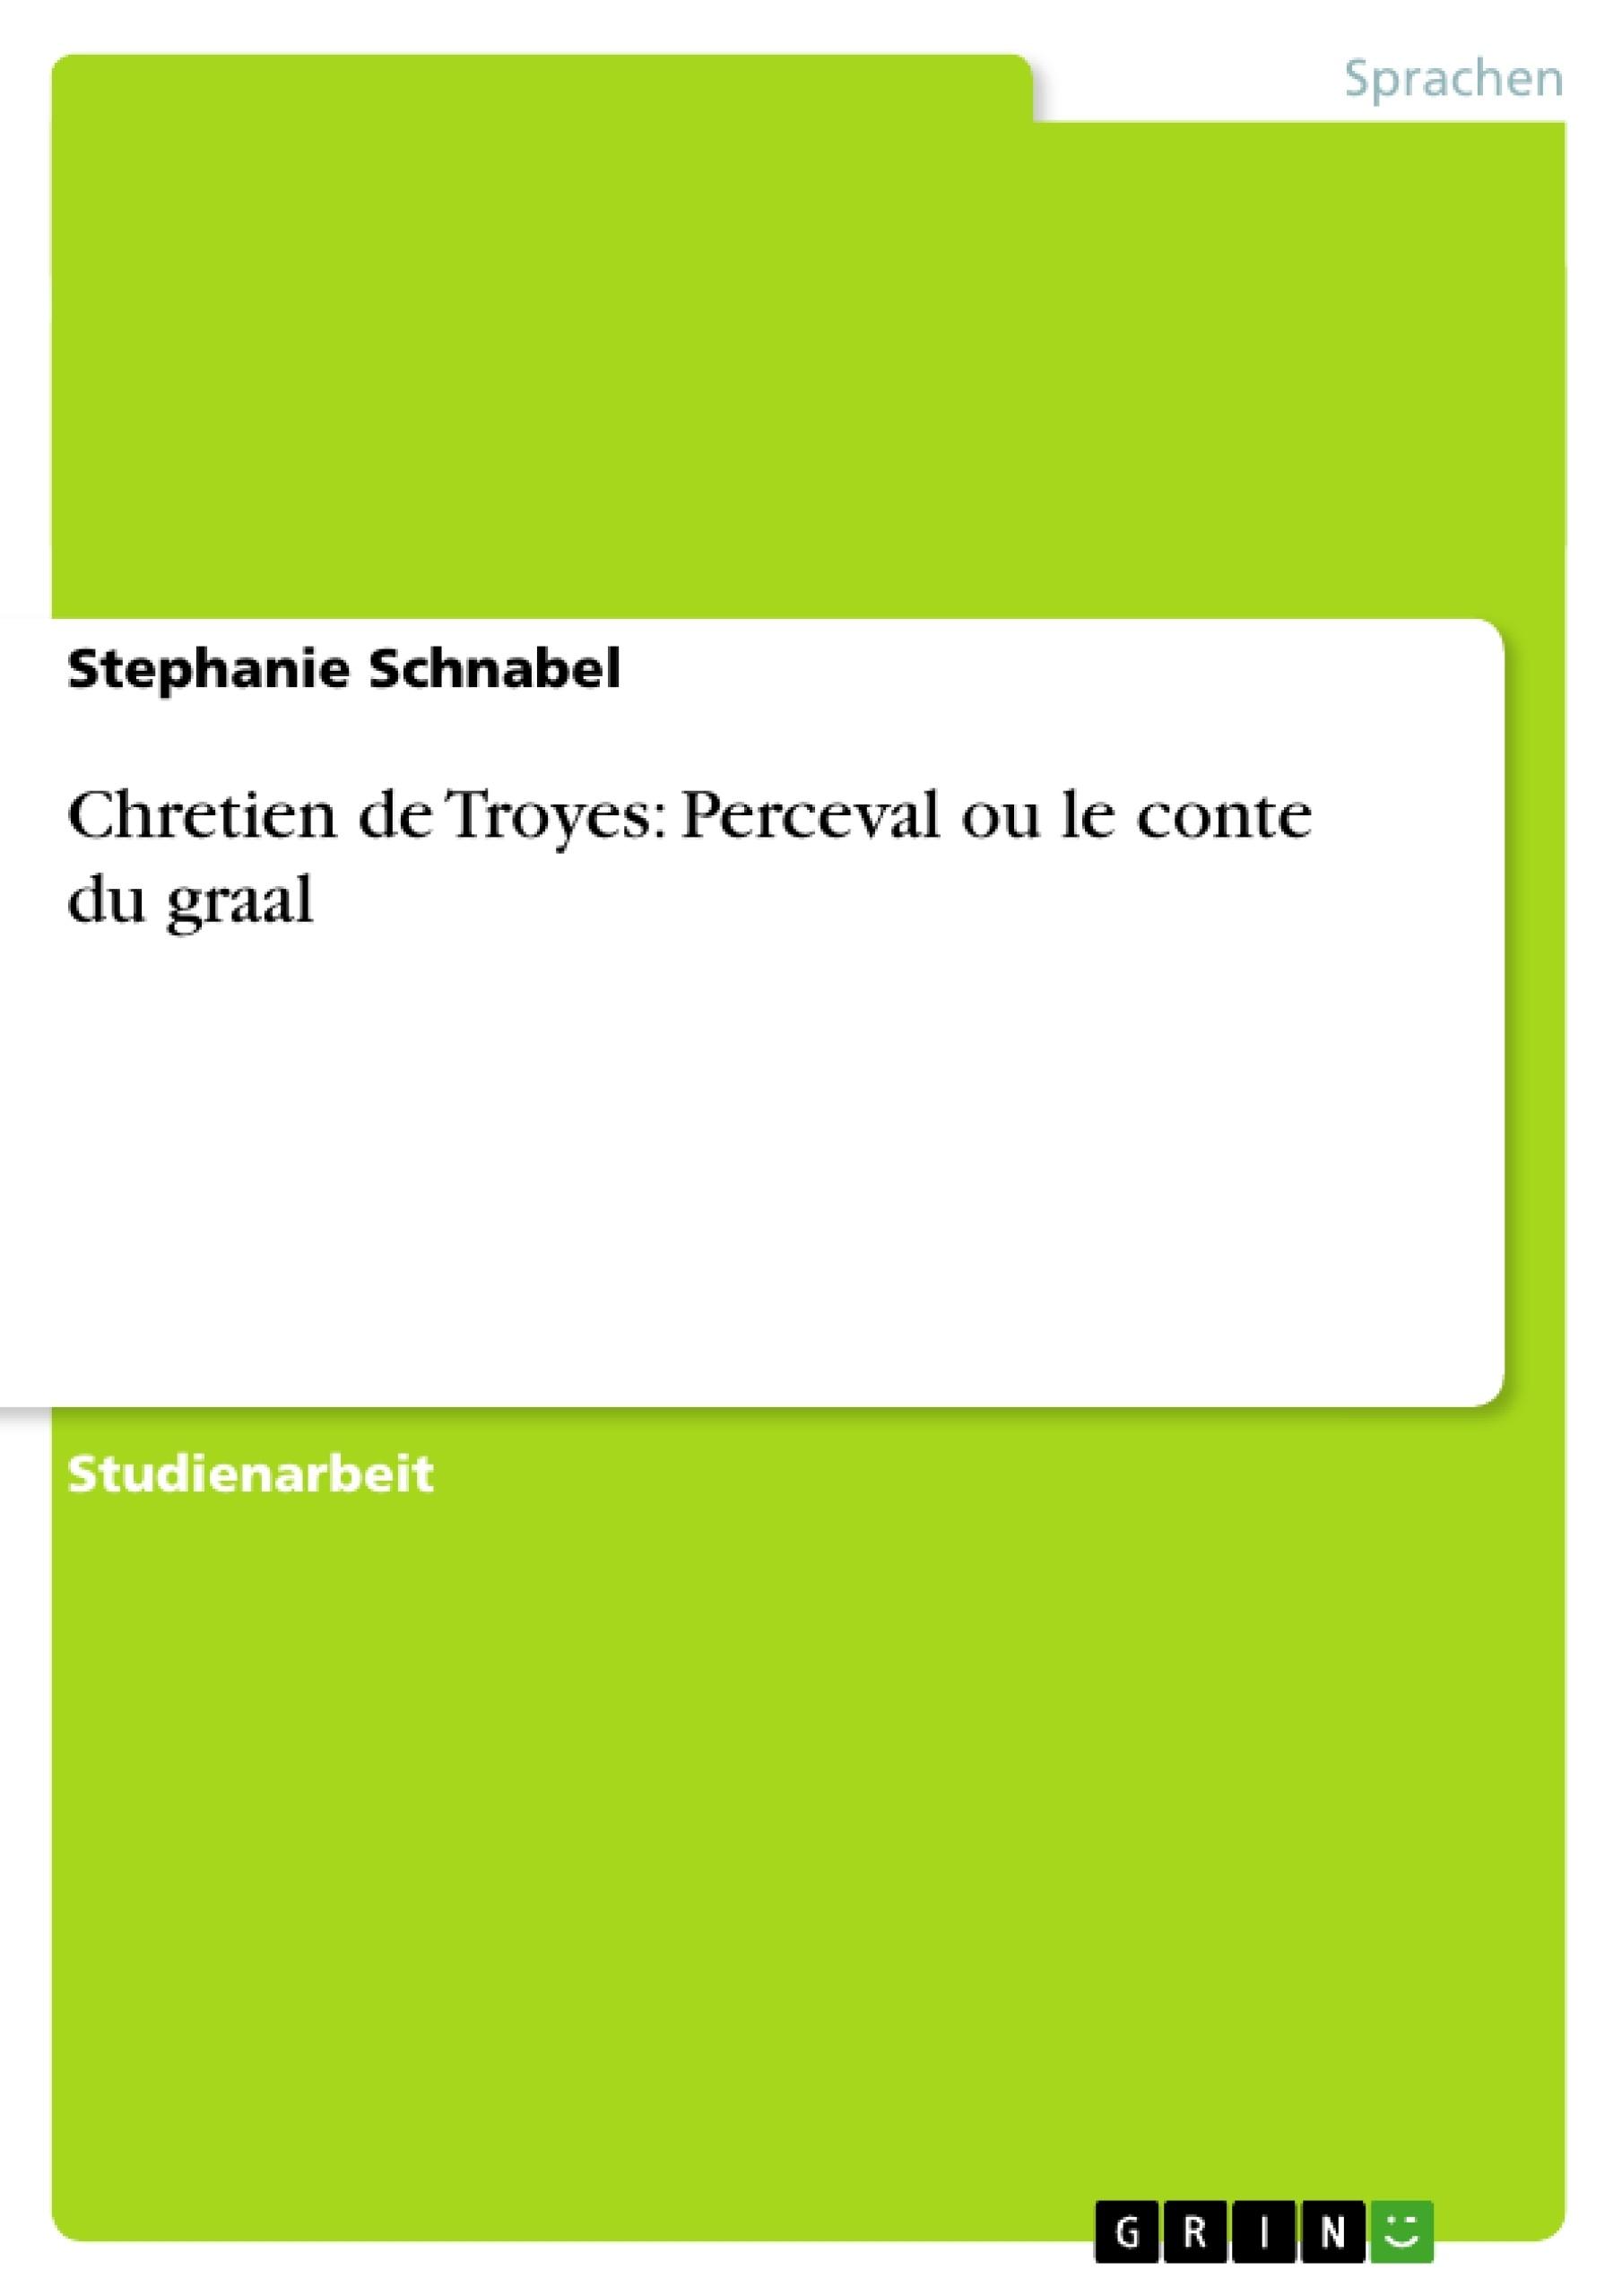 Titel: Chretien de Troyes: Perceval ou le conte du graal